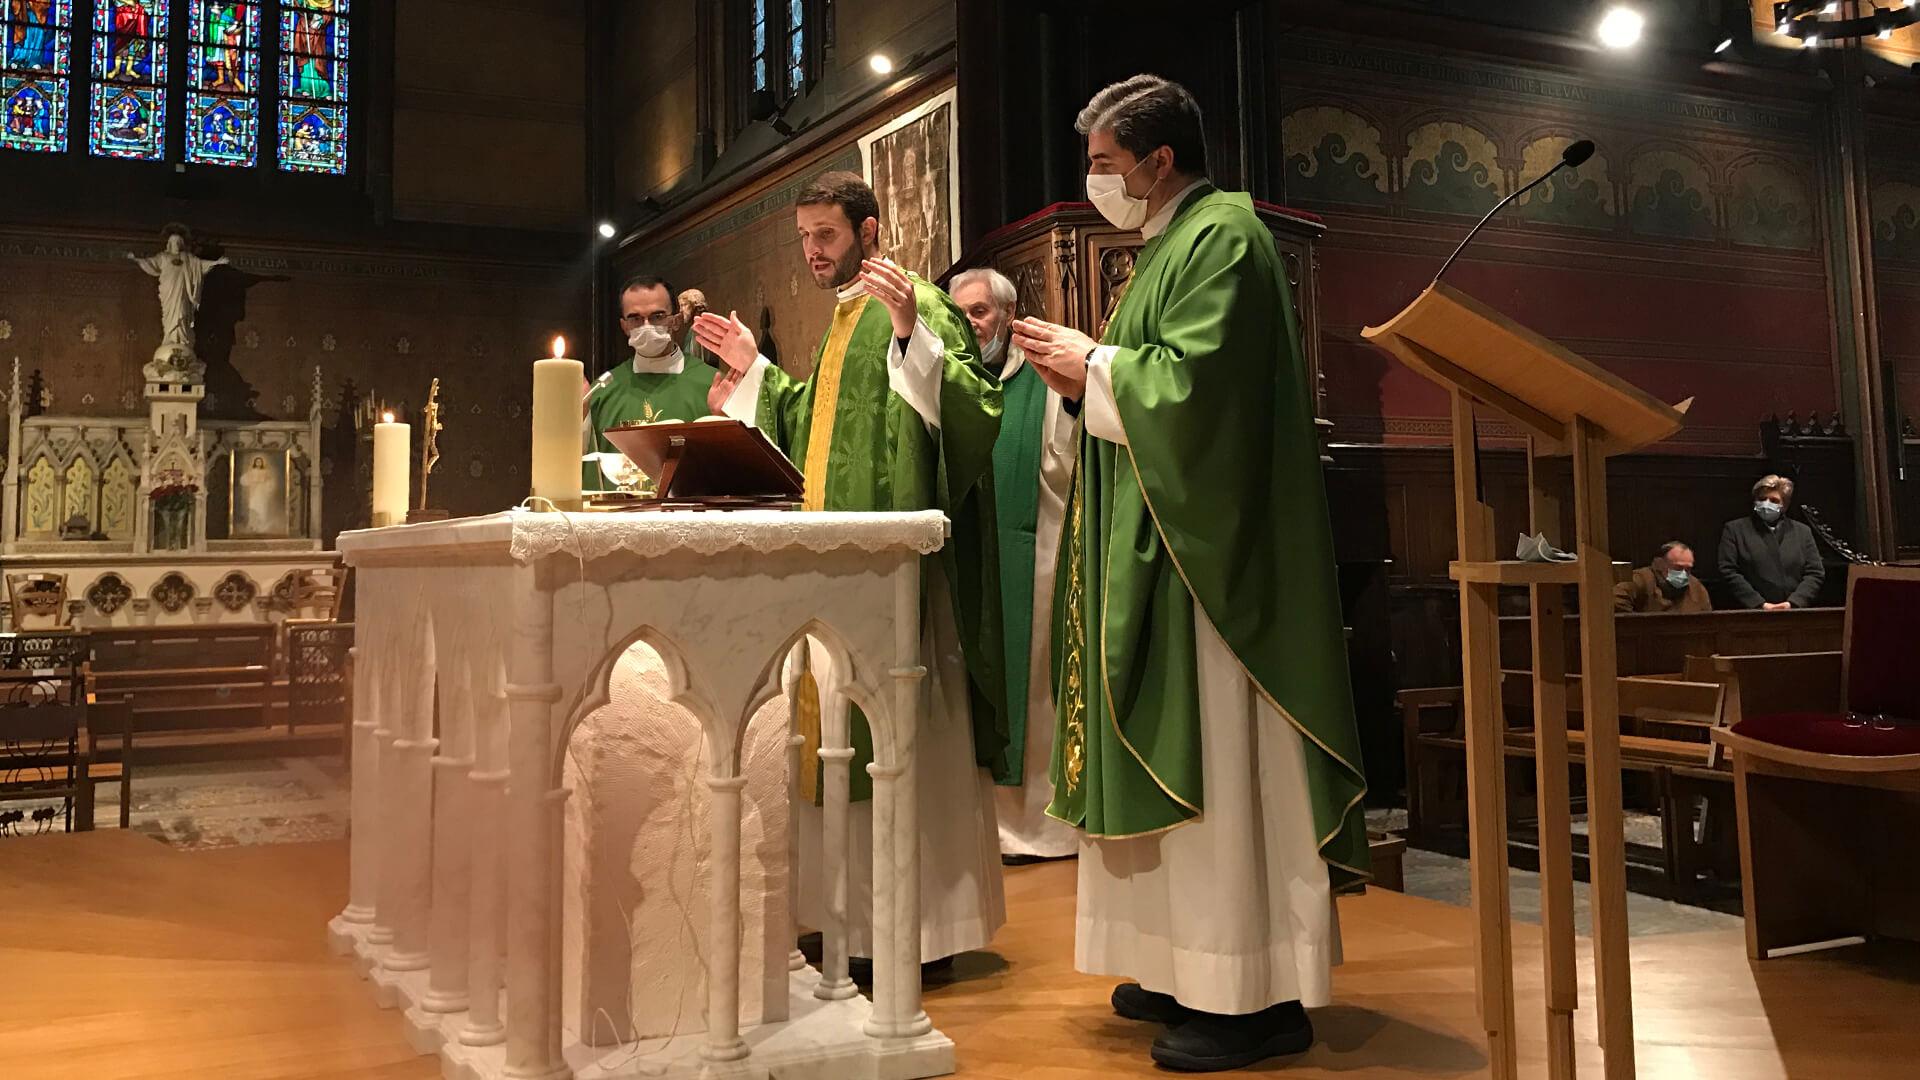 Première messe du P. Leopoldo à Notre-Dame de Boulogne